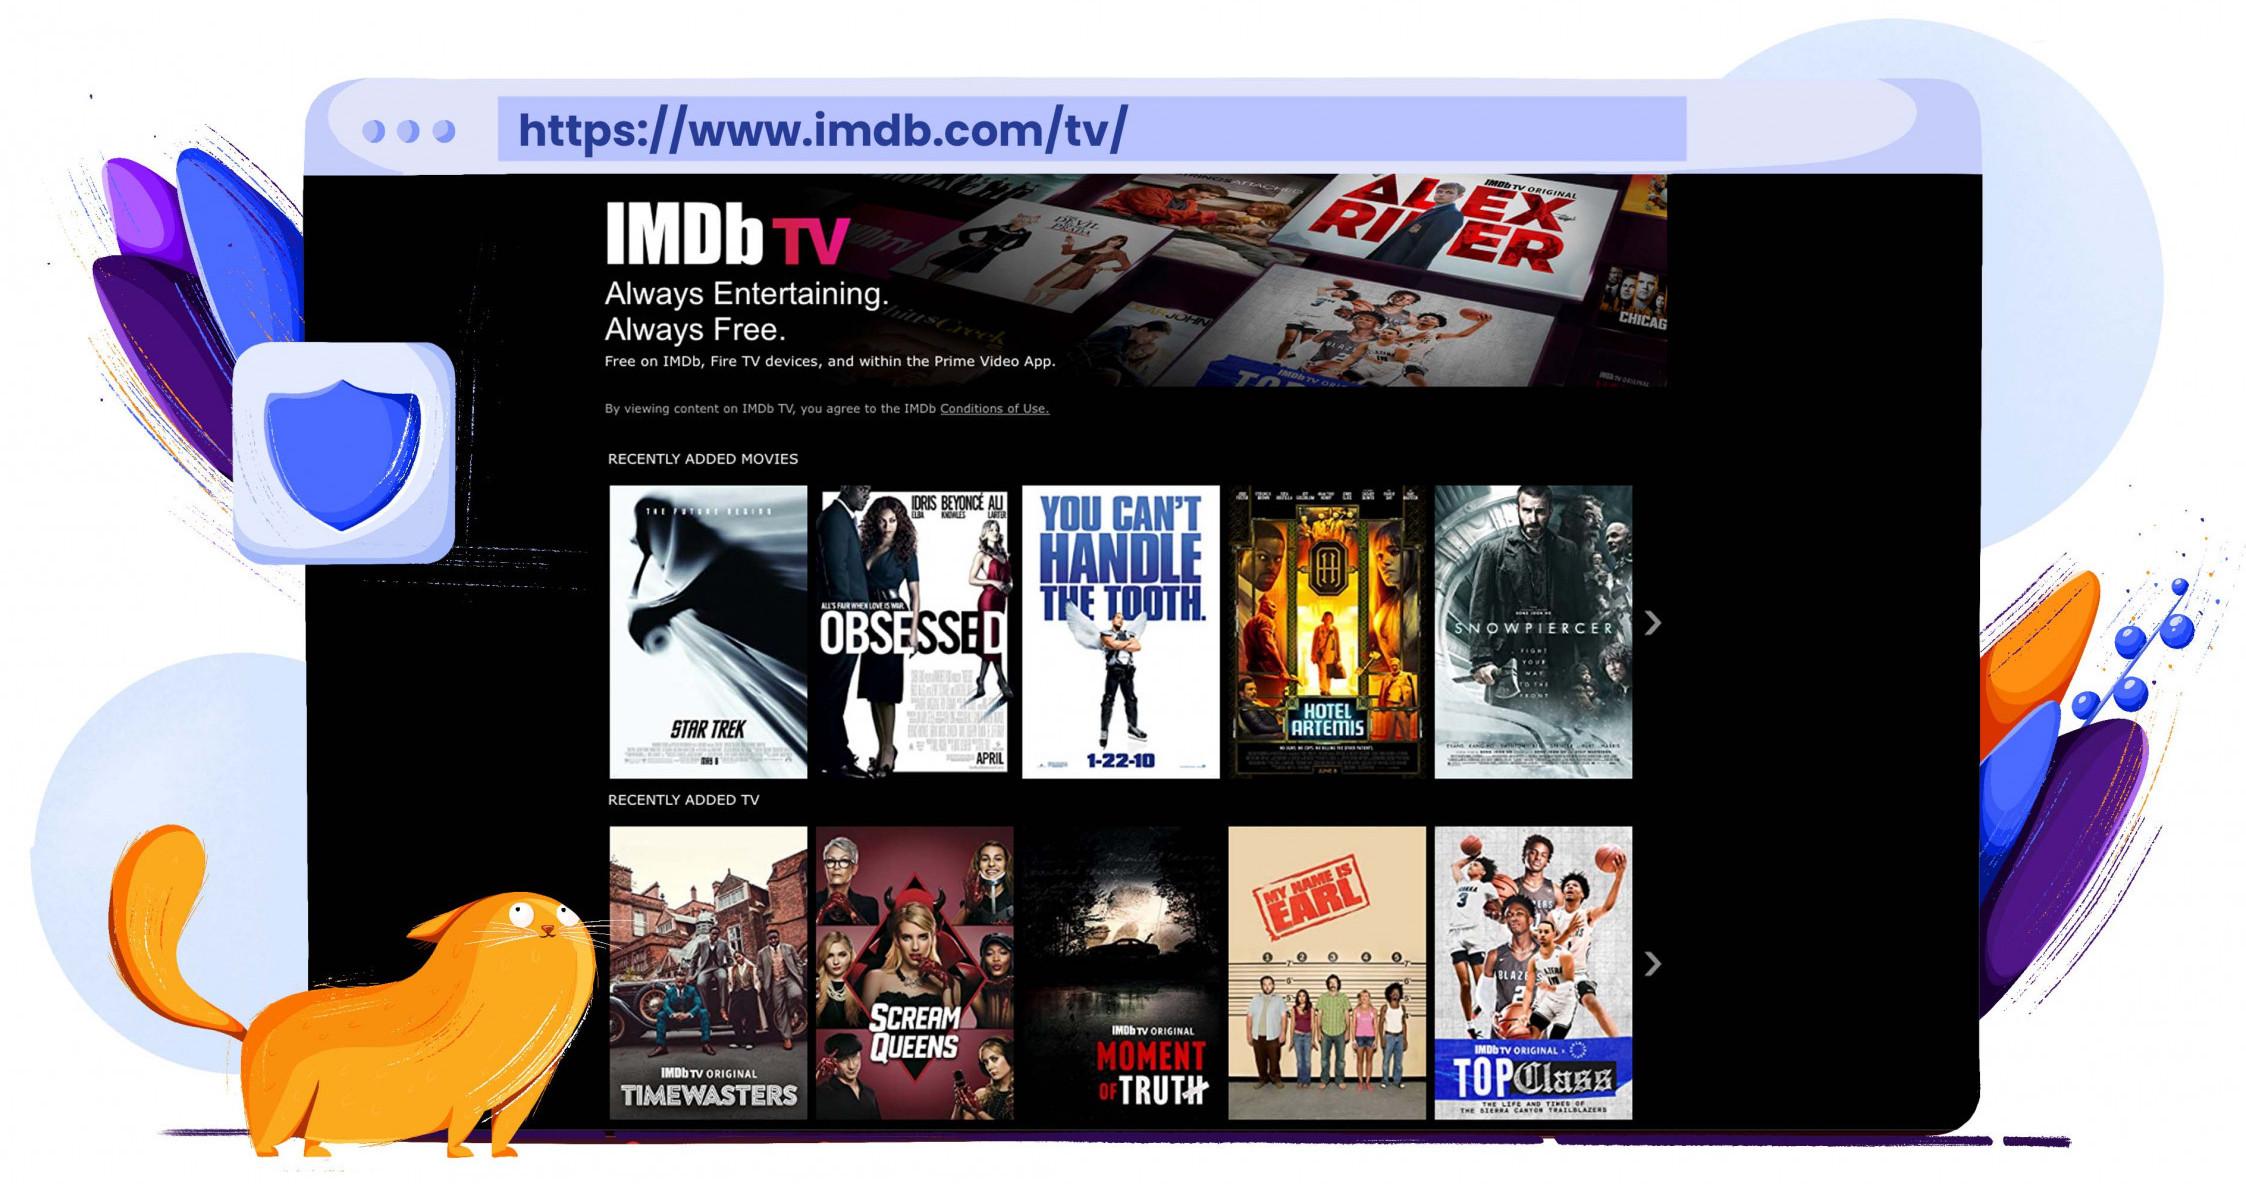 Einige der besten Sendungen sind auf IMDb TV zum Streamen verfügbar